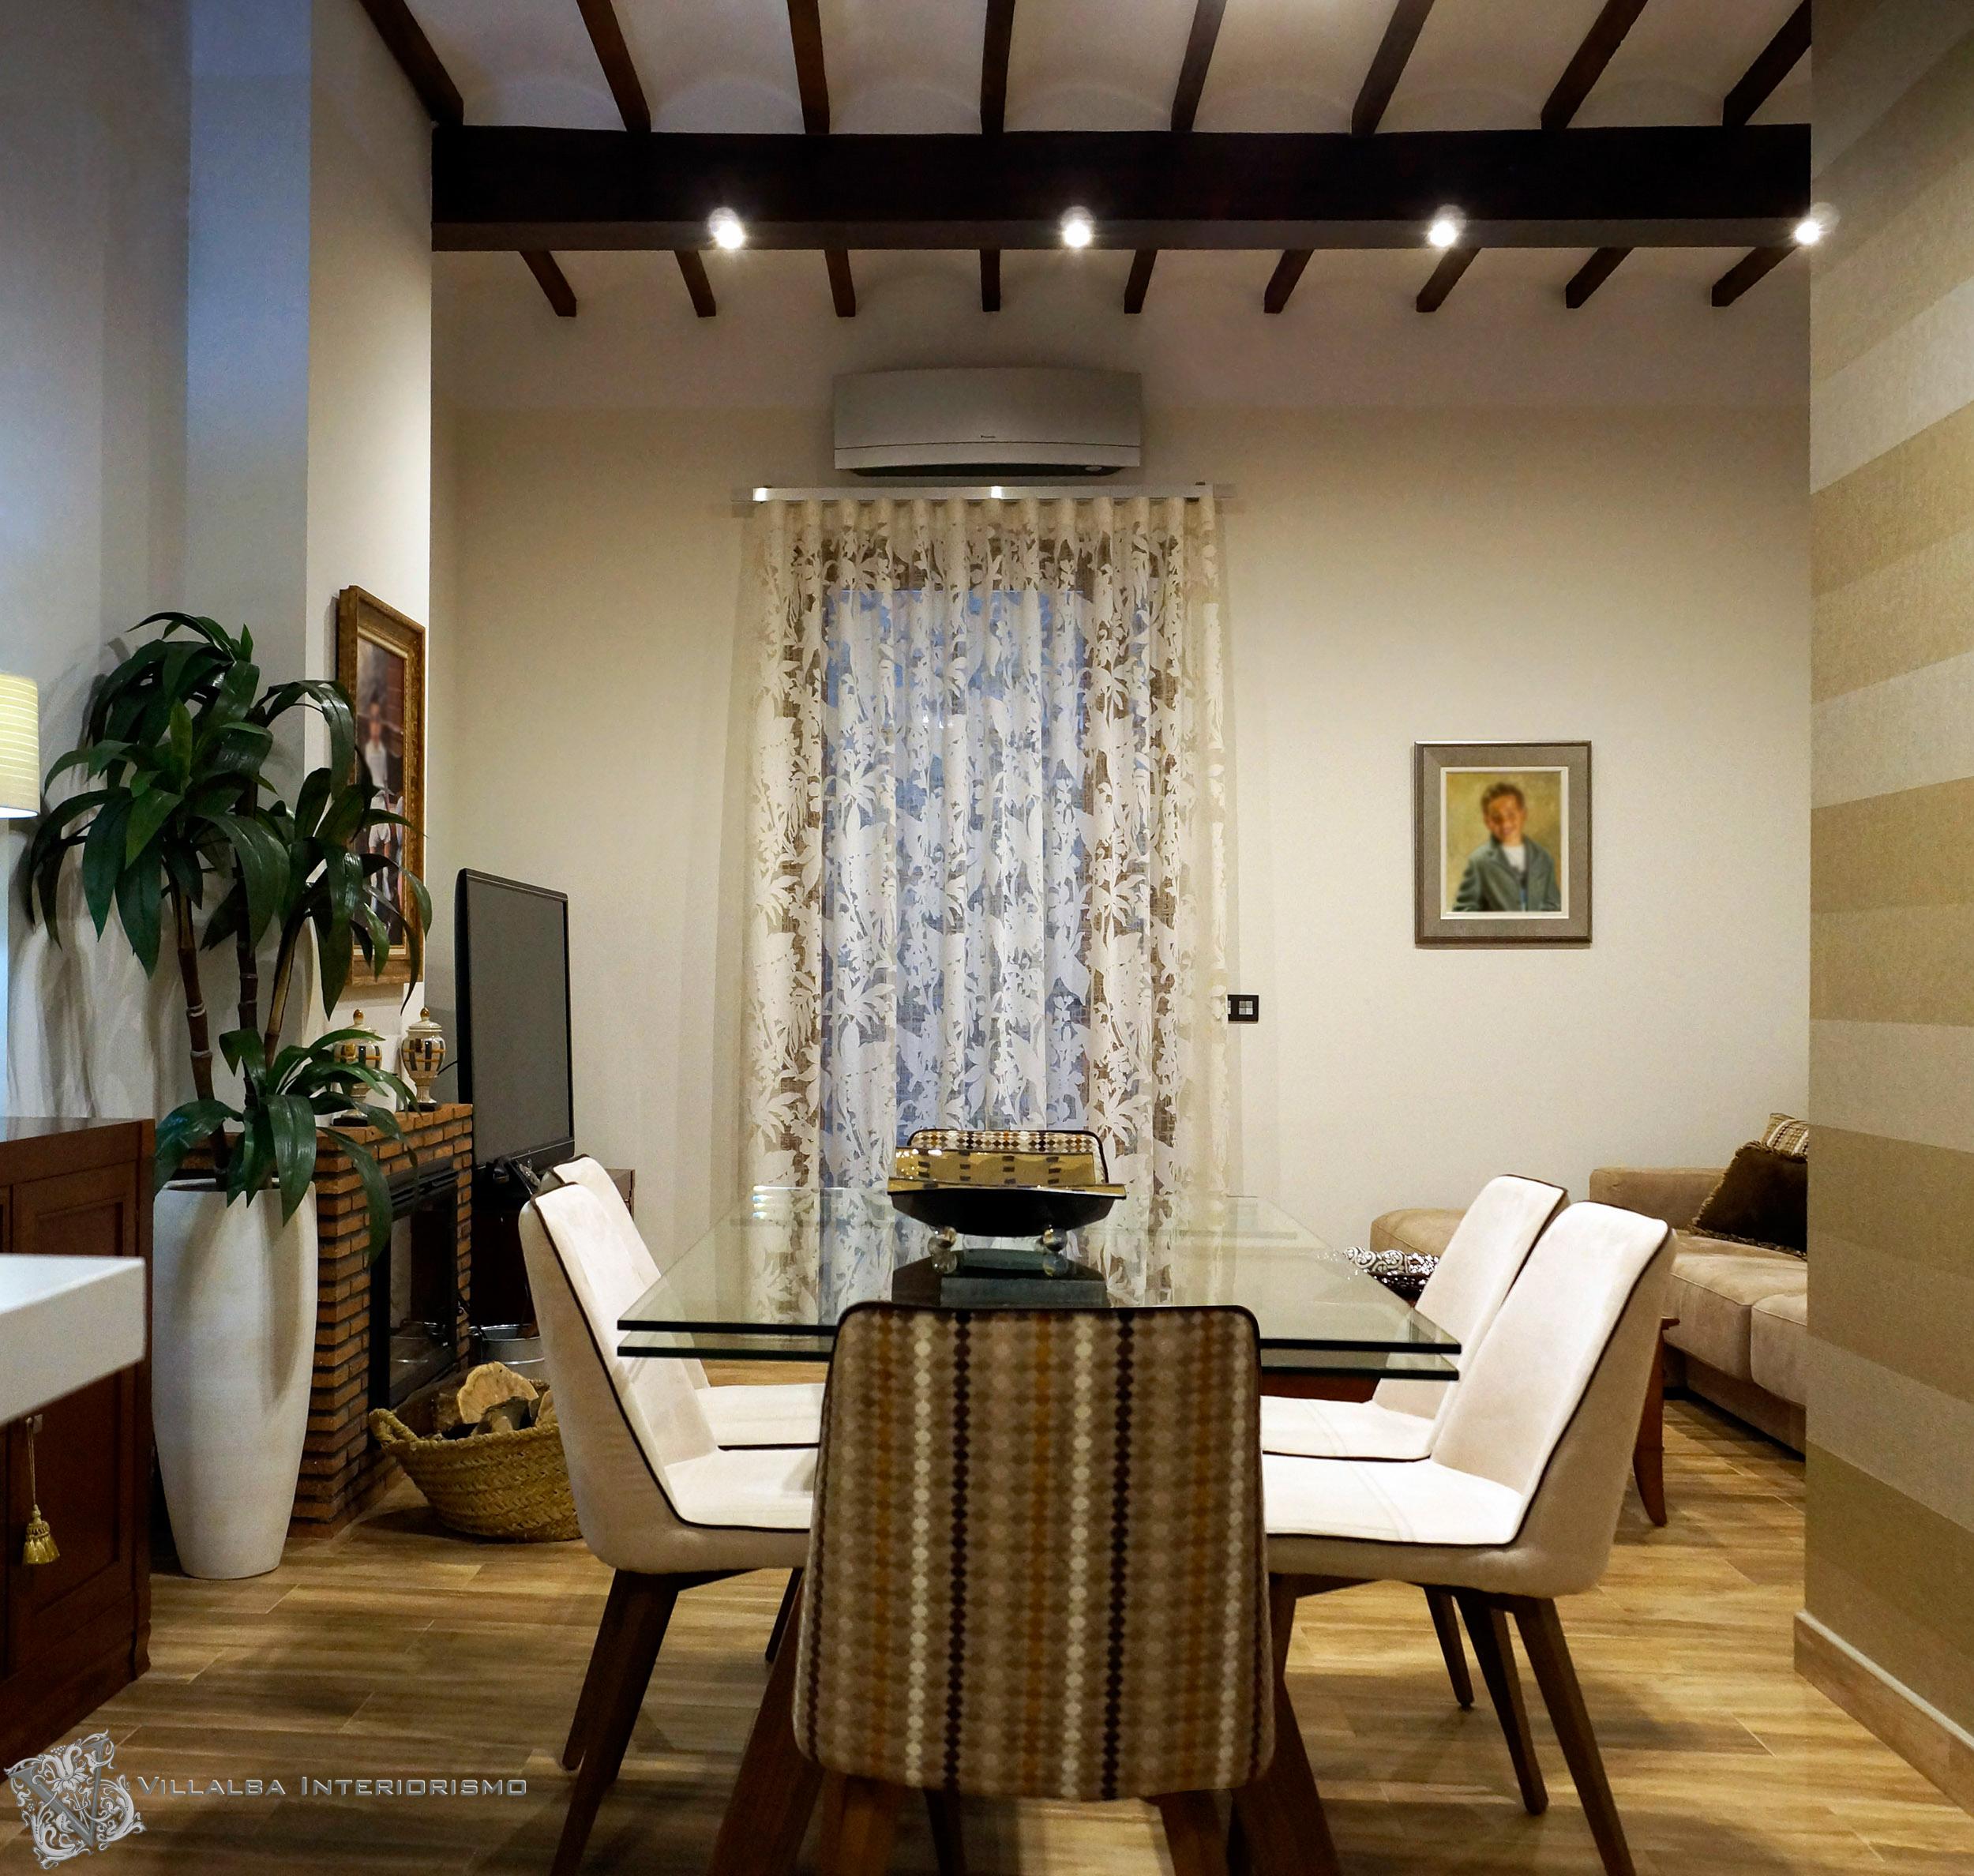 Awesome Es Una Casa Reformada En Artana (Castellón) Con La Zona Del Salón, Comedor  Y Cocina Toda Abierta, Creando Una Zona Diáfana Muy Acogedora.